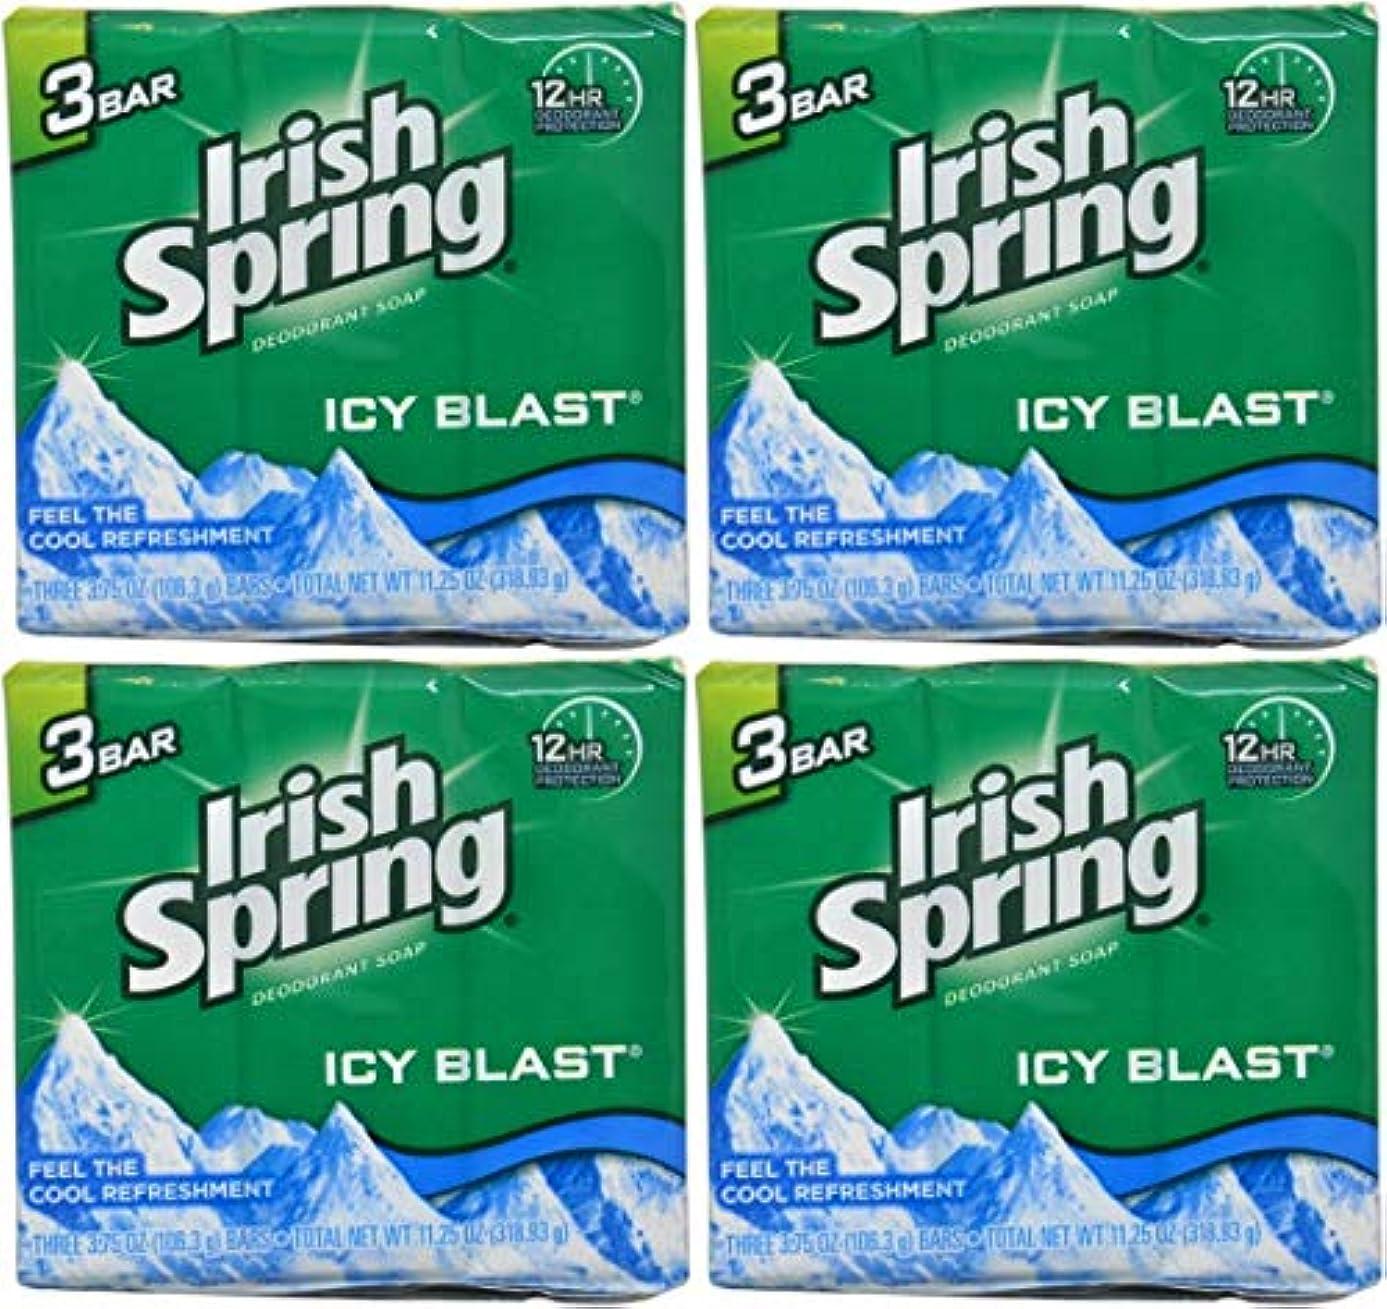 消化嵐が丘攻撃Irish Spring バースバー、アイシーブラスト3.75オズ、3小節の12カウント4Pack